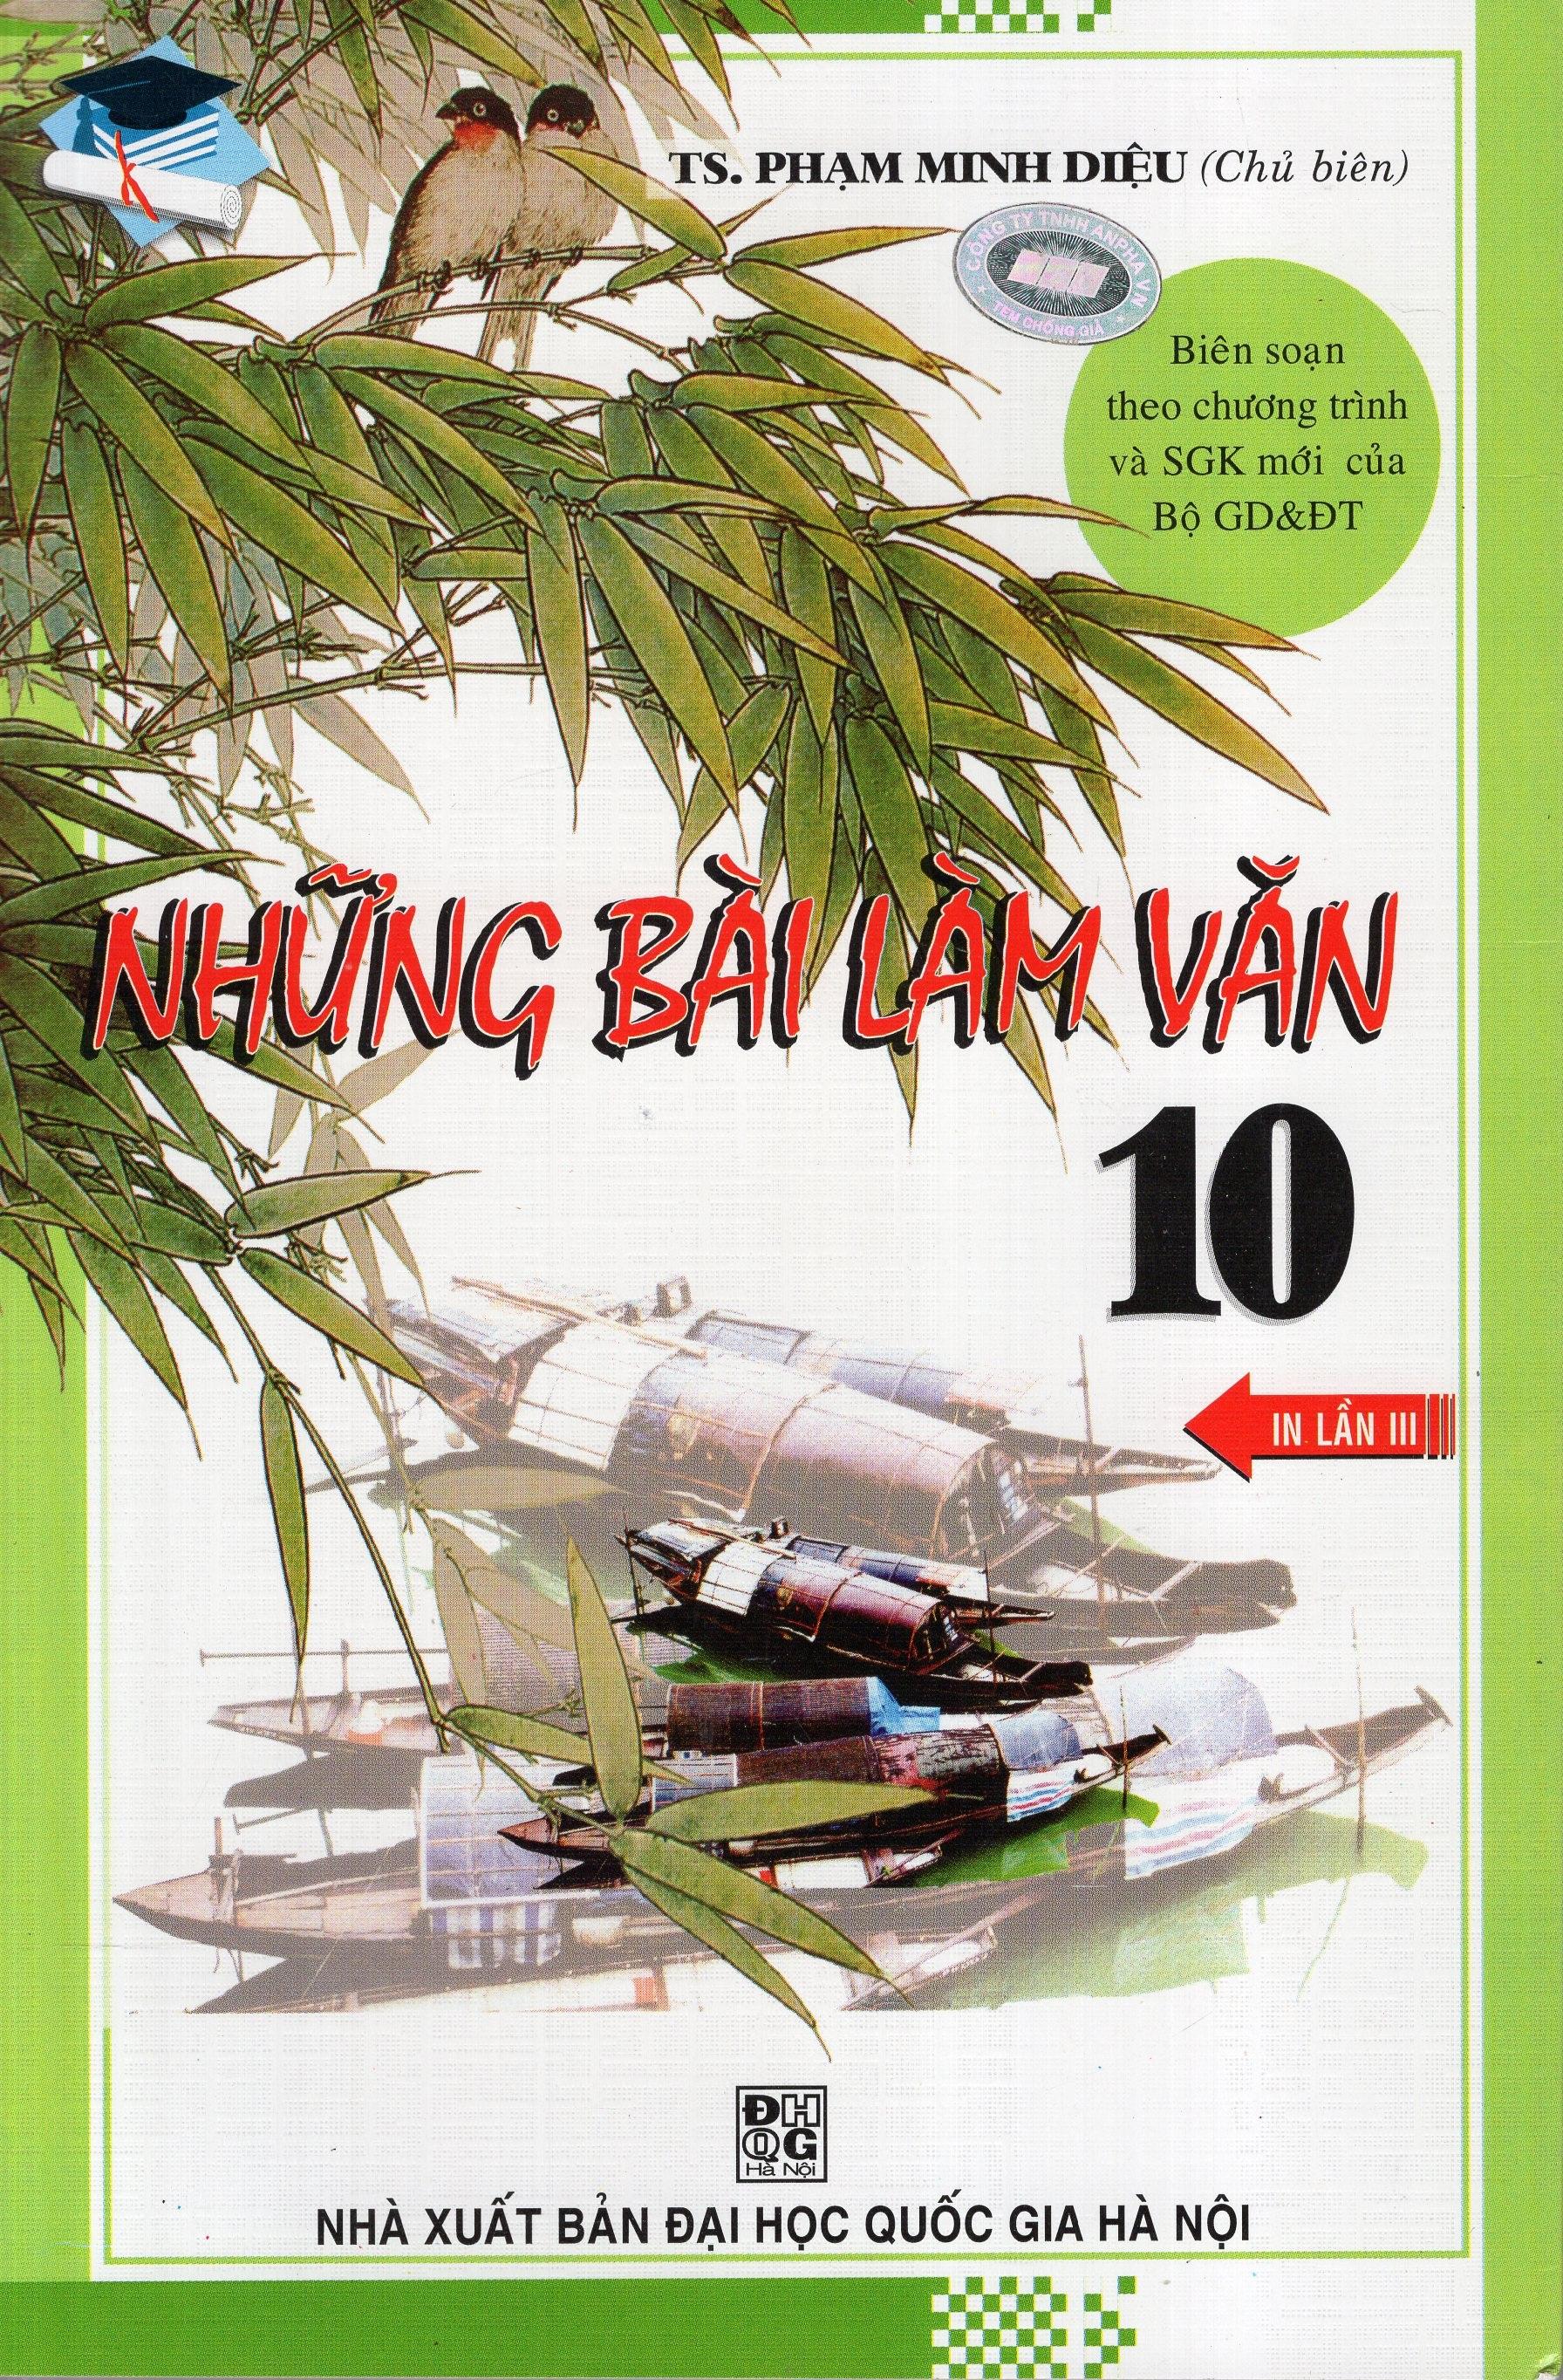 Bìa sách Những Bài Làm Văn Lớp 10 (Tái Bản)